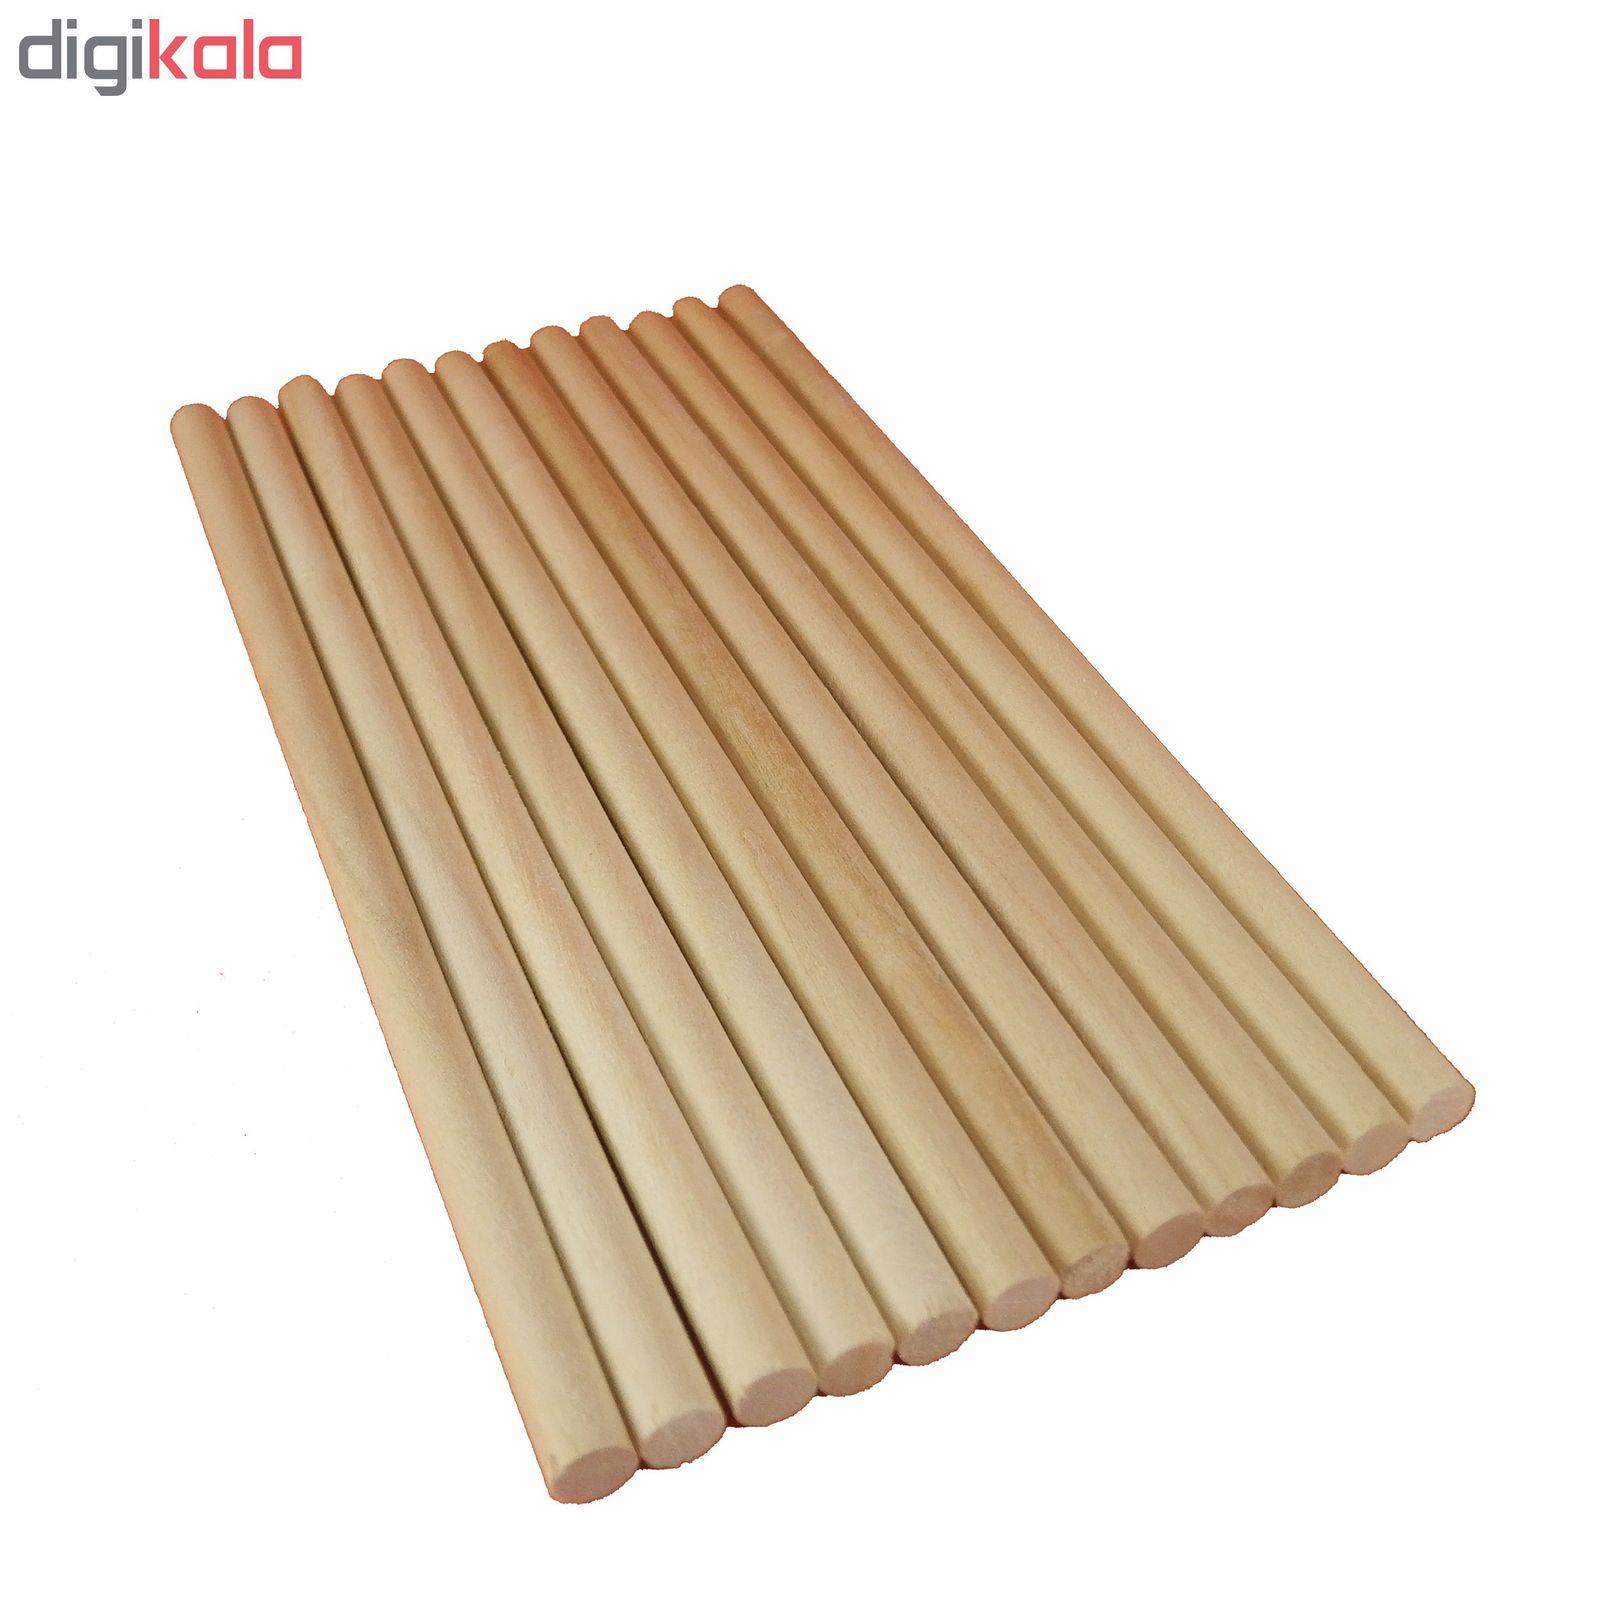 چوب بستنی  آرنگ مدل GRD1406_80 بسته 80 عددی main 1 2